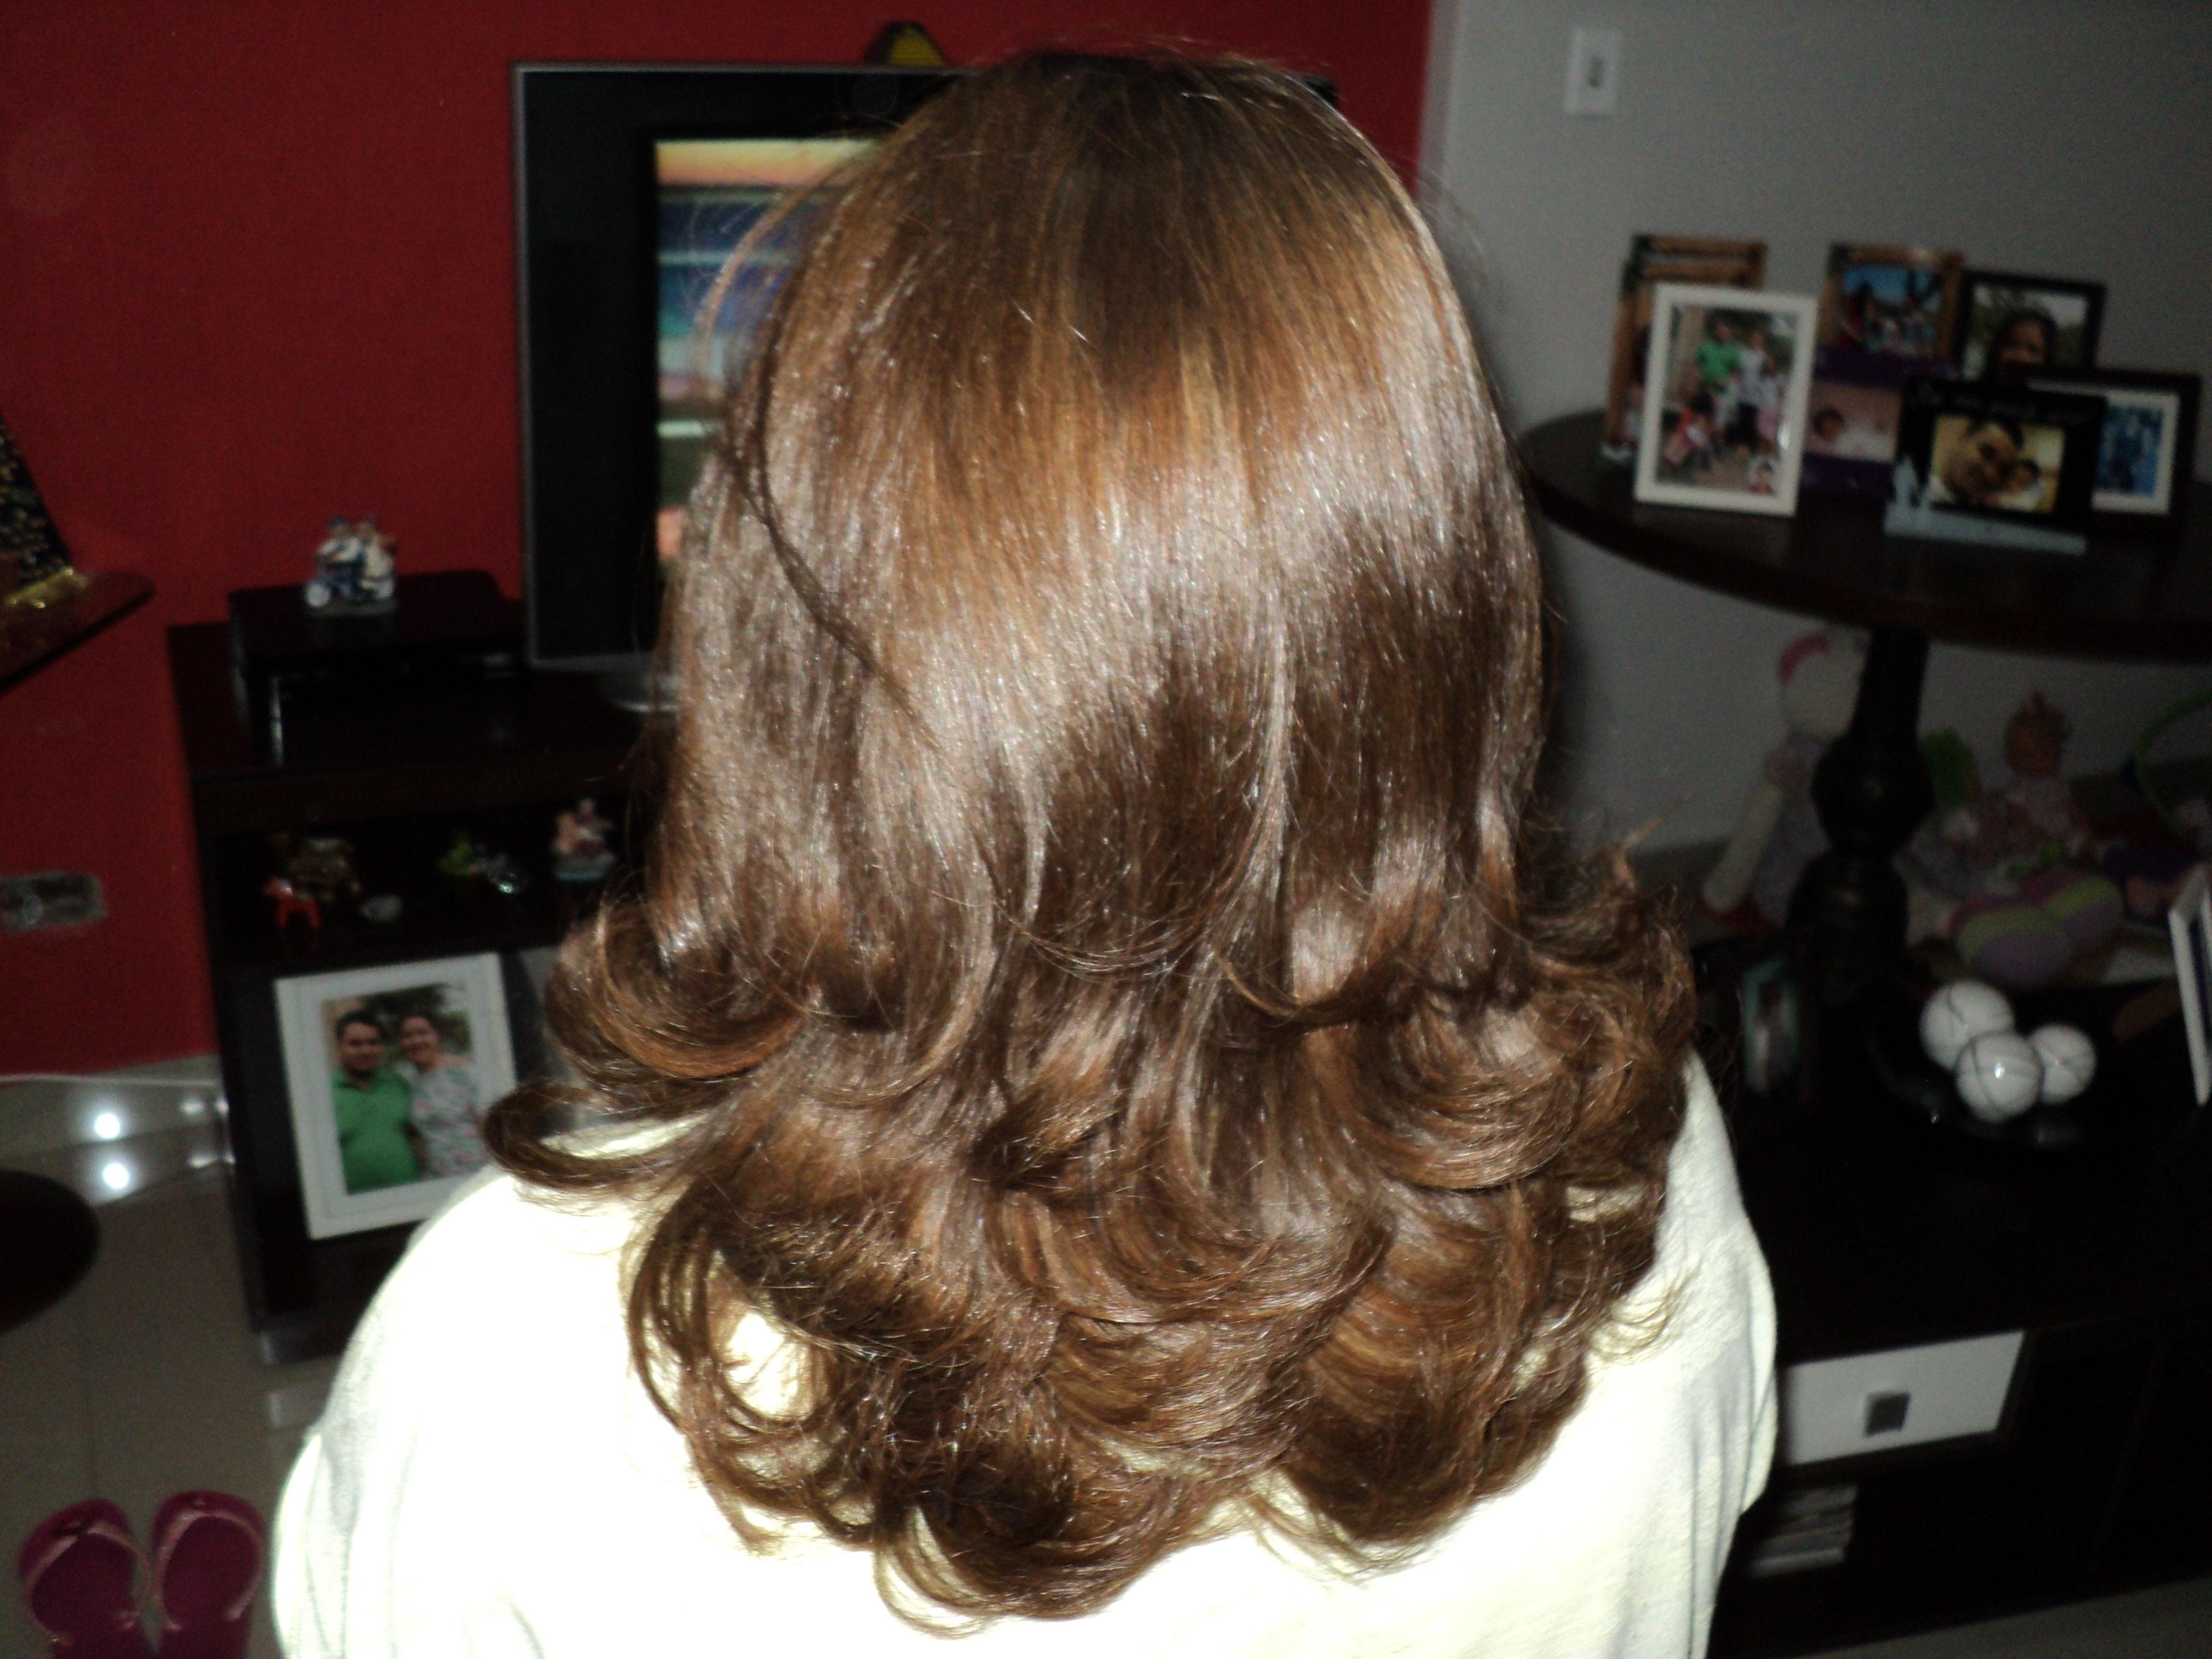 Corte, escova e correção de cor. auxiliar cabeleireiro(a) auxiliar administrativo